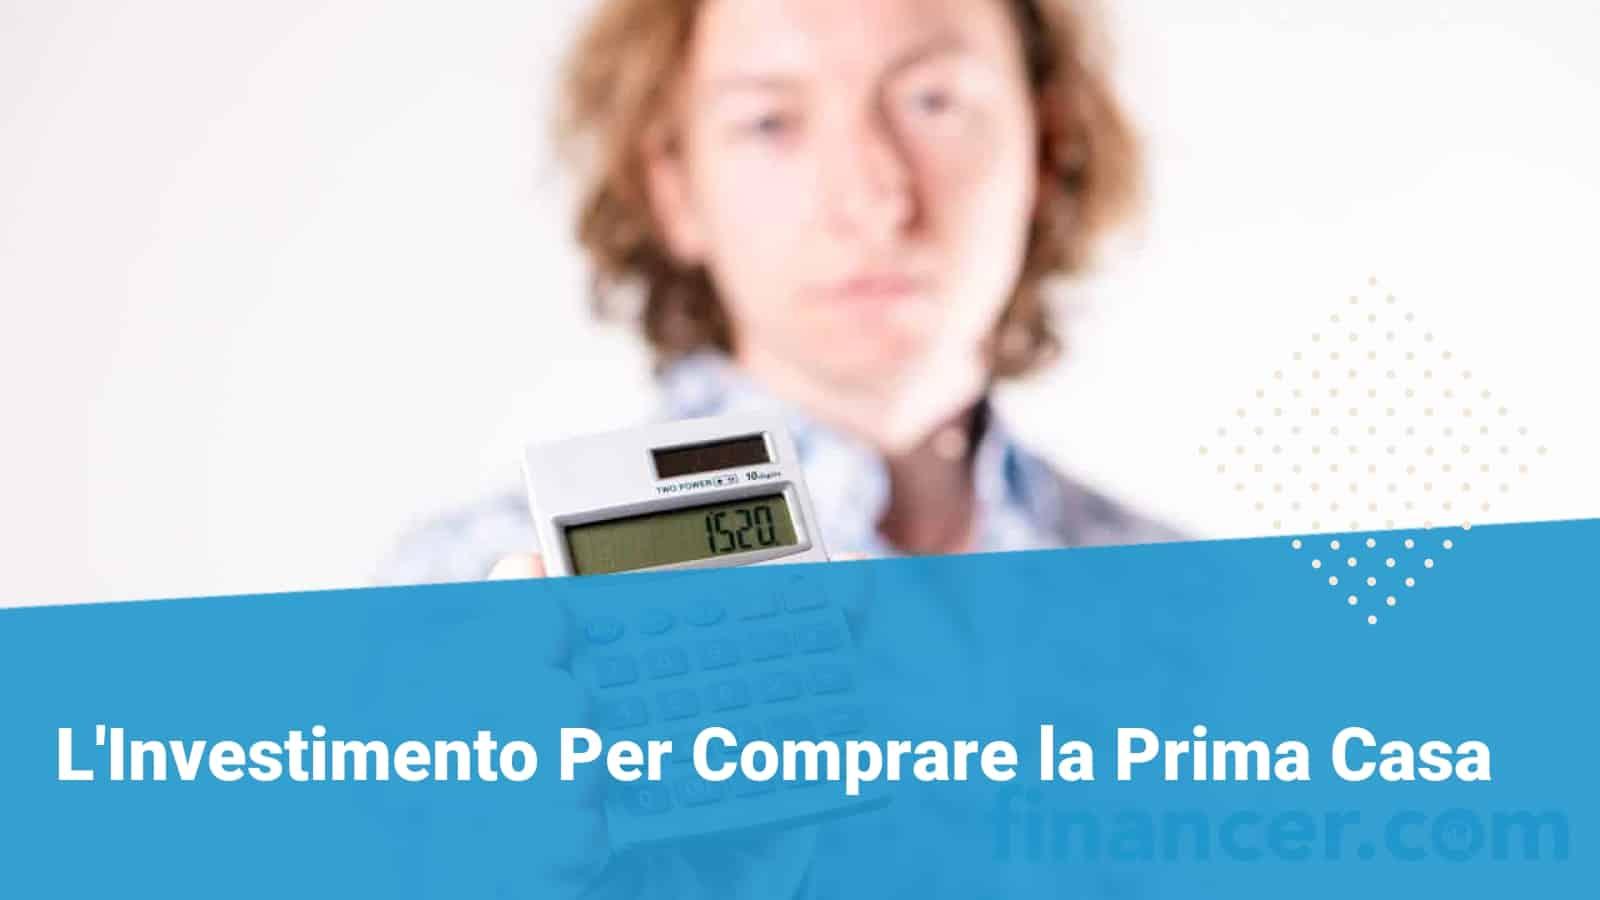 Mutuo prima casa - Financer.com Italia